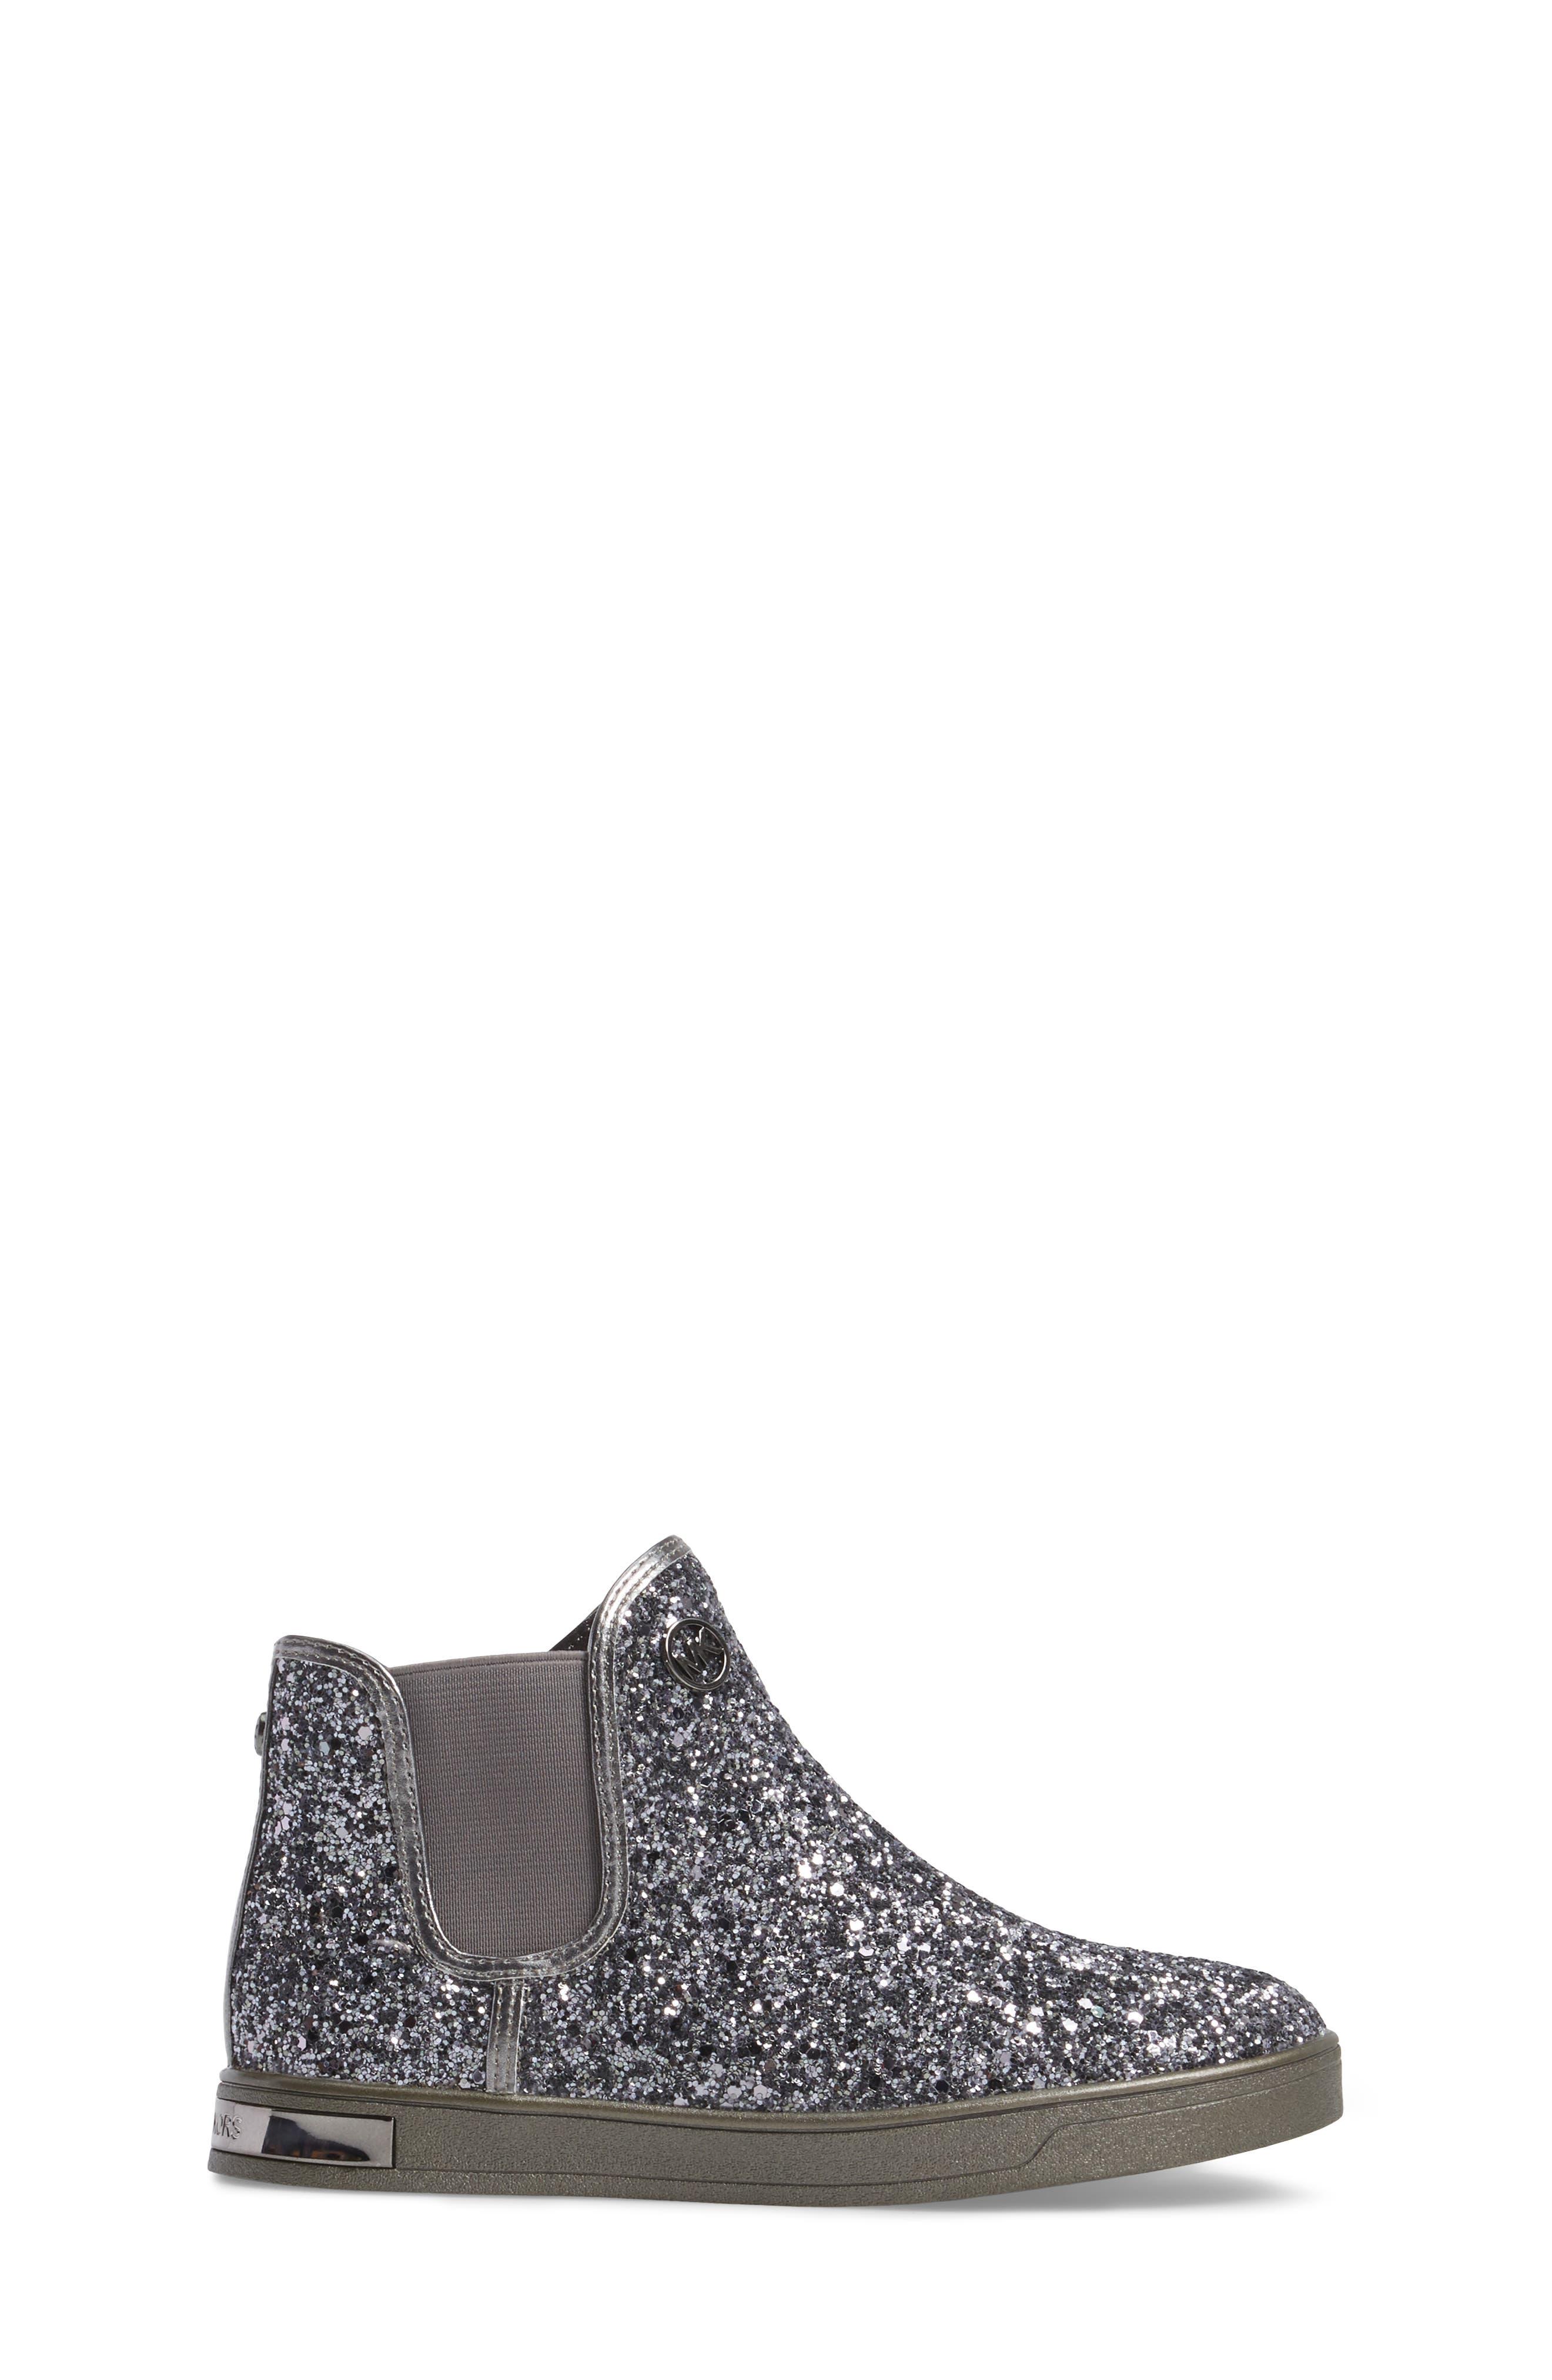 Ollie Rae Glittery Sneaker Boot,                             Alternate thumbnail 3, color,                             040